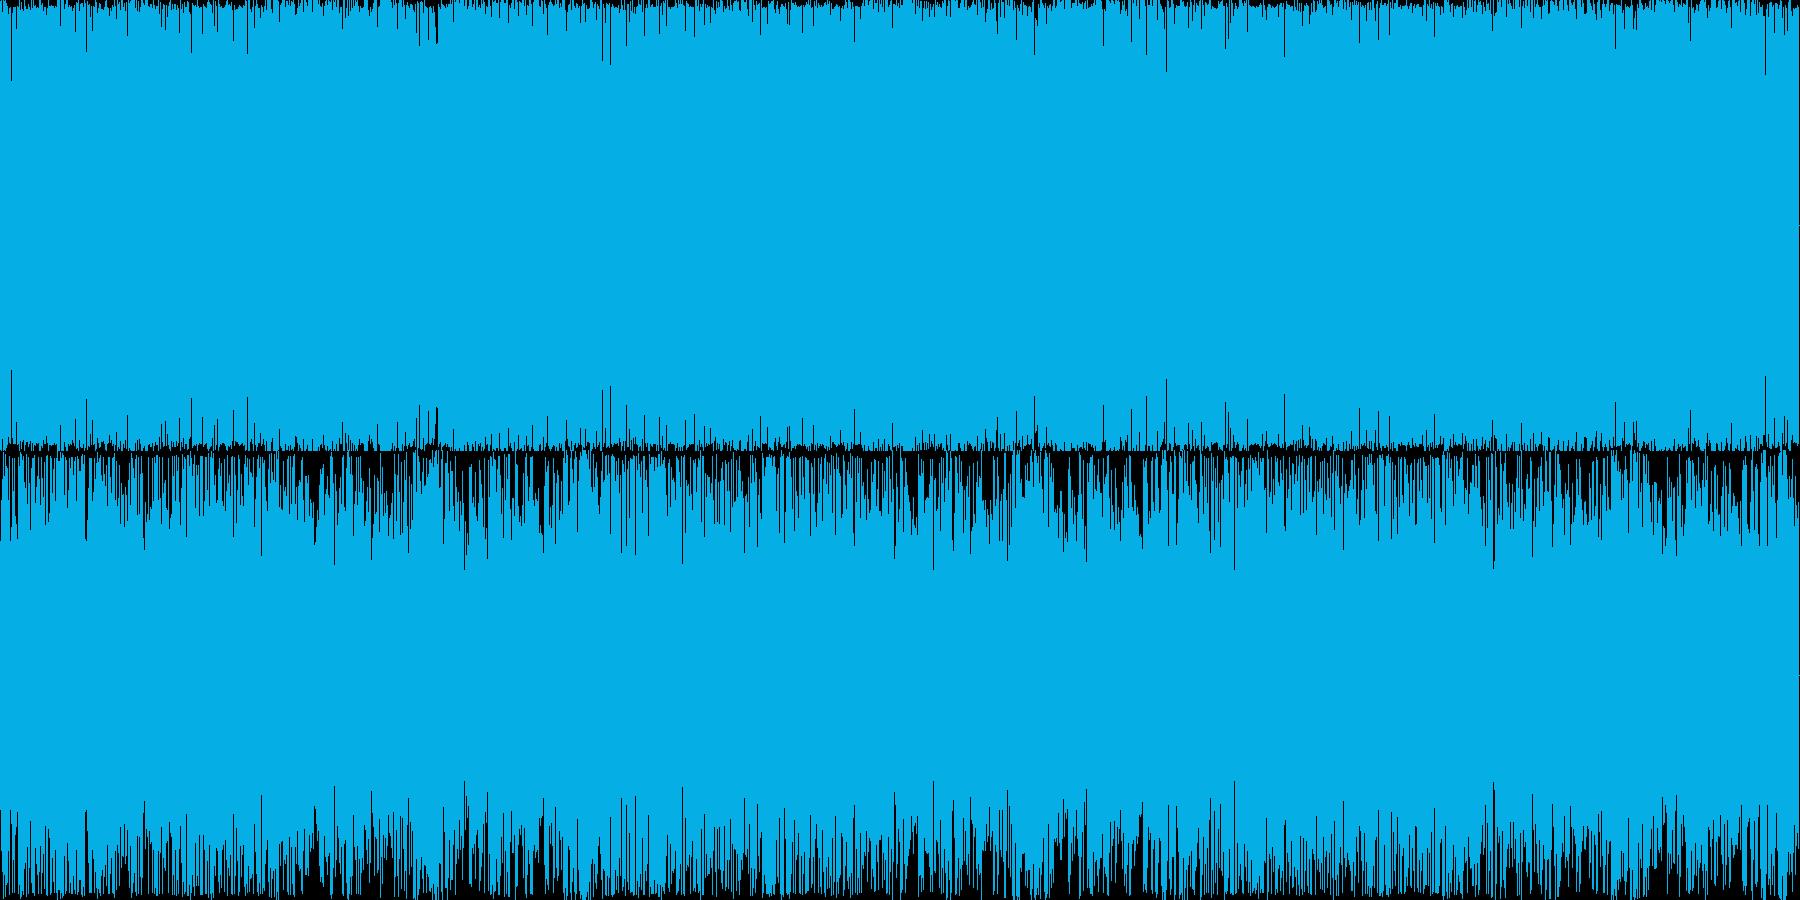 わくわくするような雰囲気のBGMの再生済みの波形